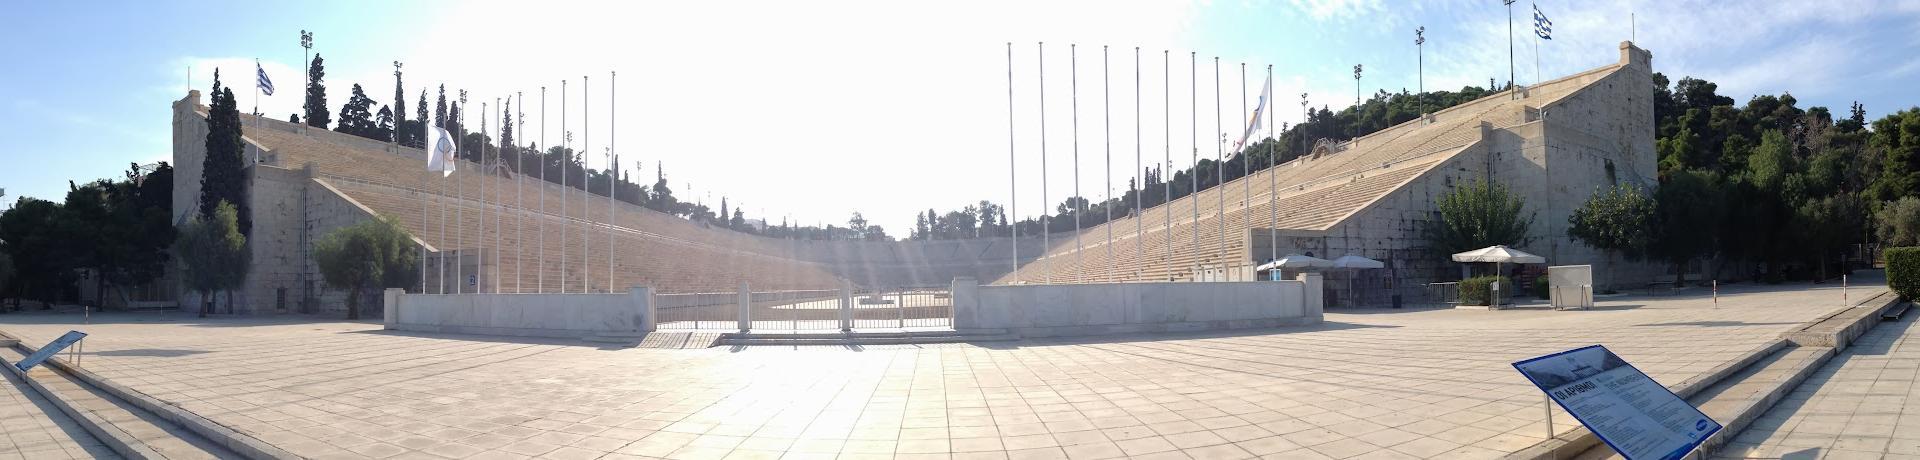 athen-olimpiai-statdion-modern.jpg